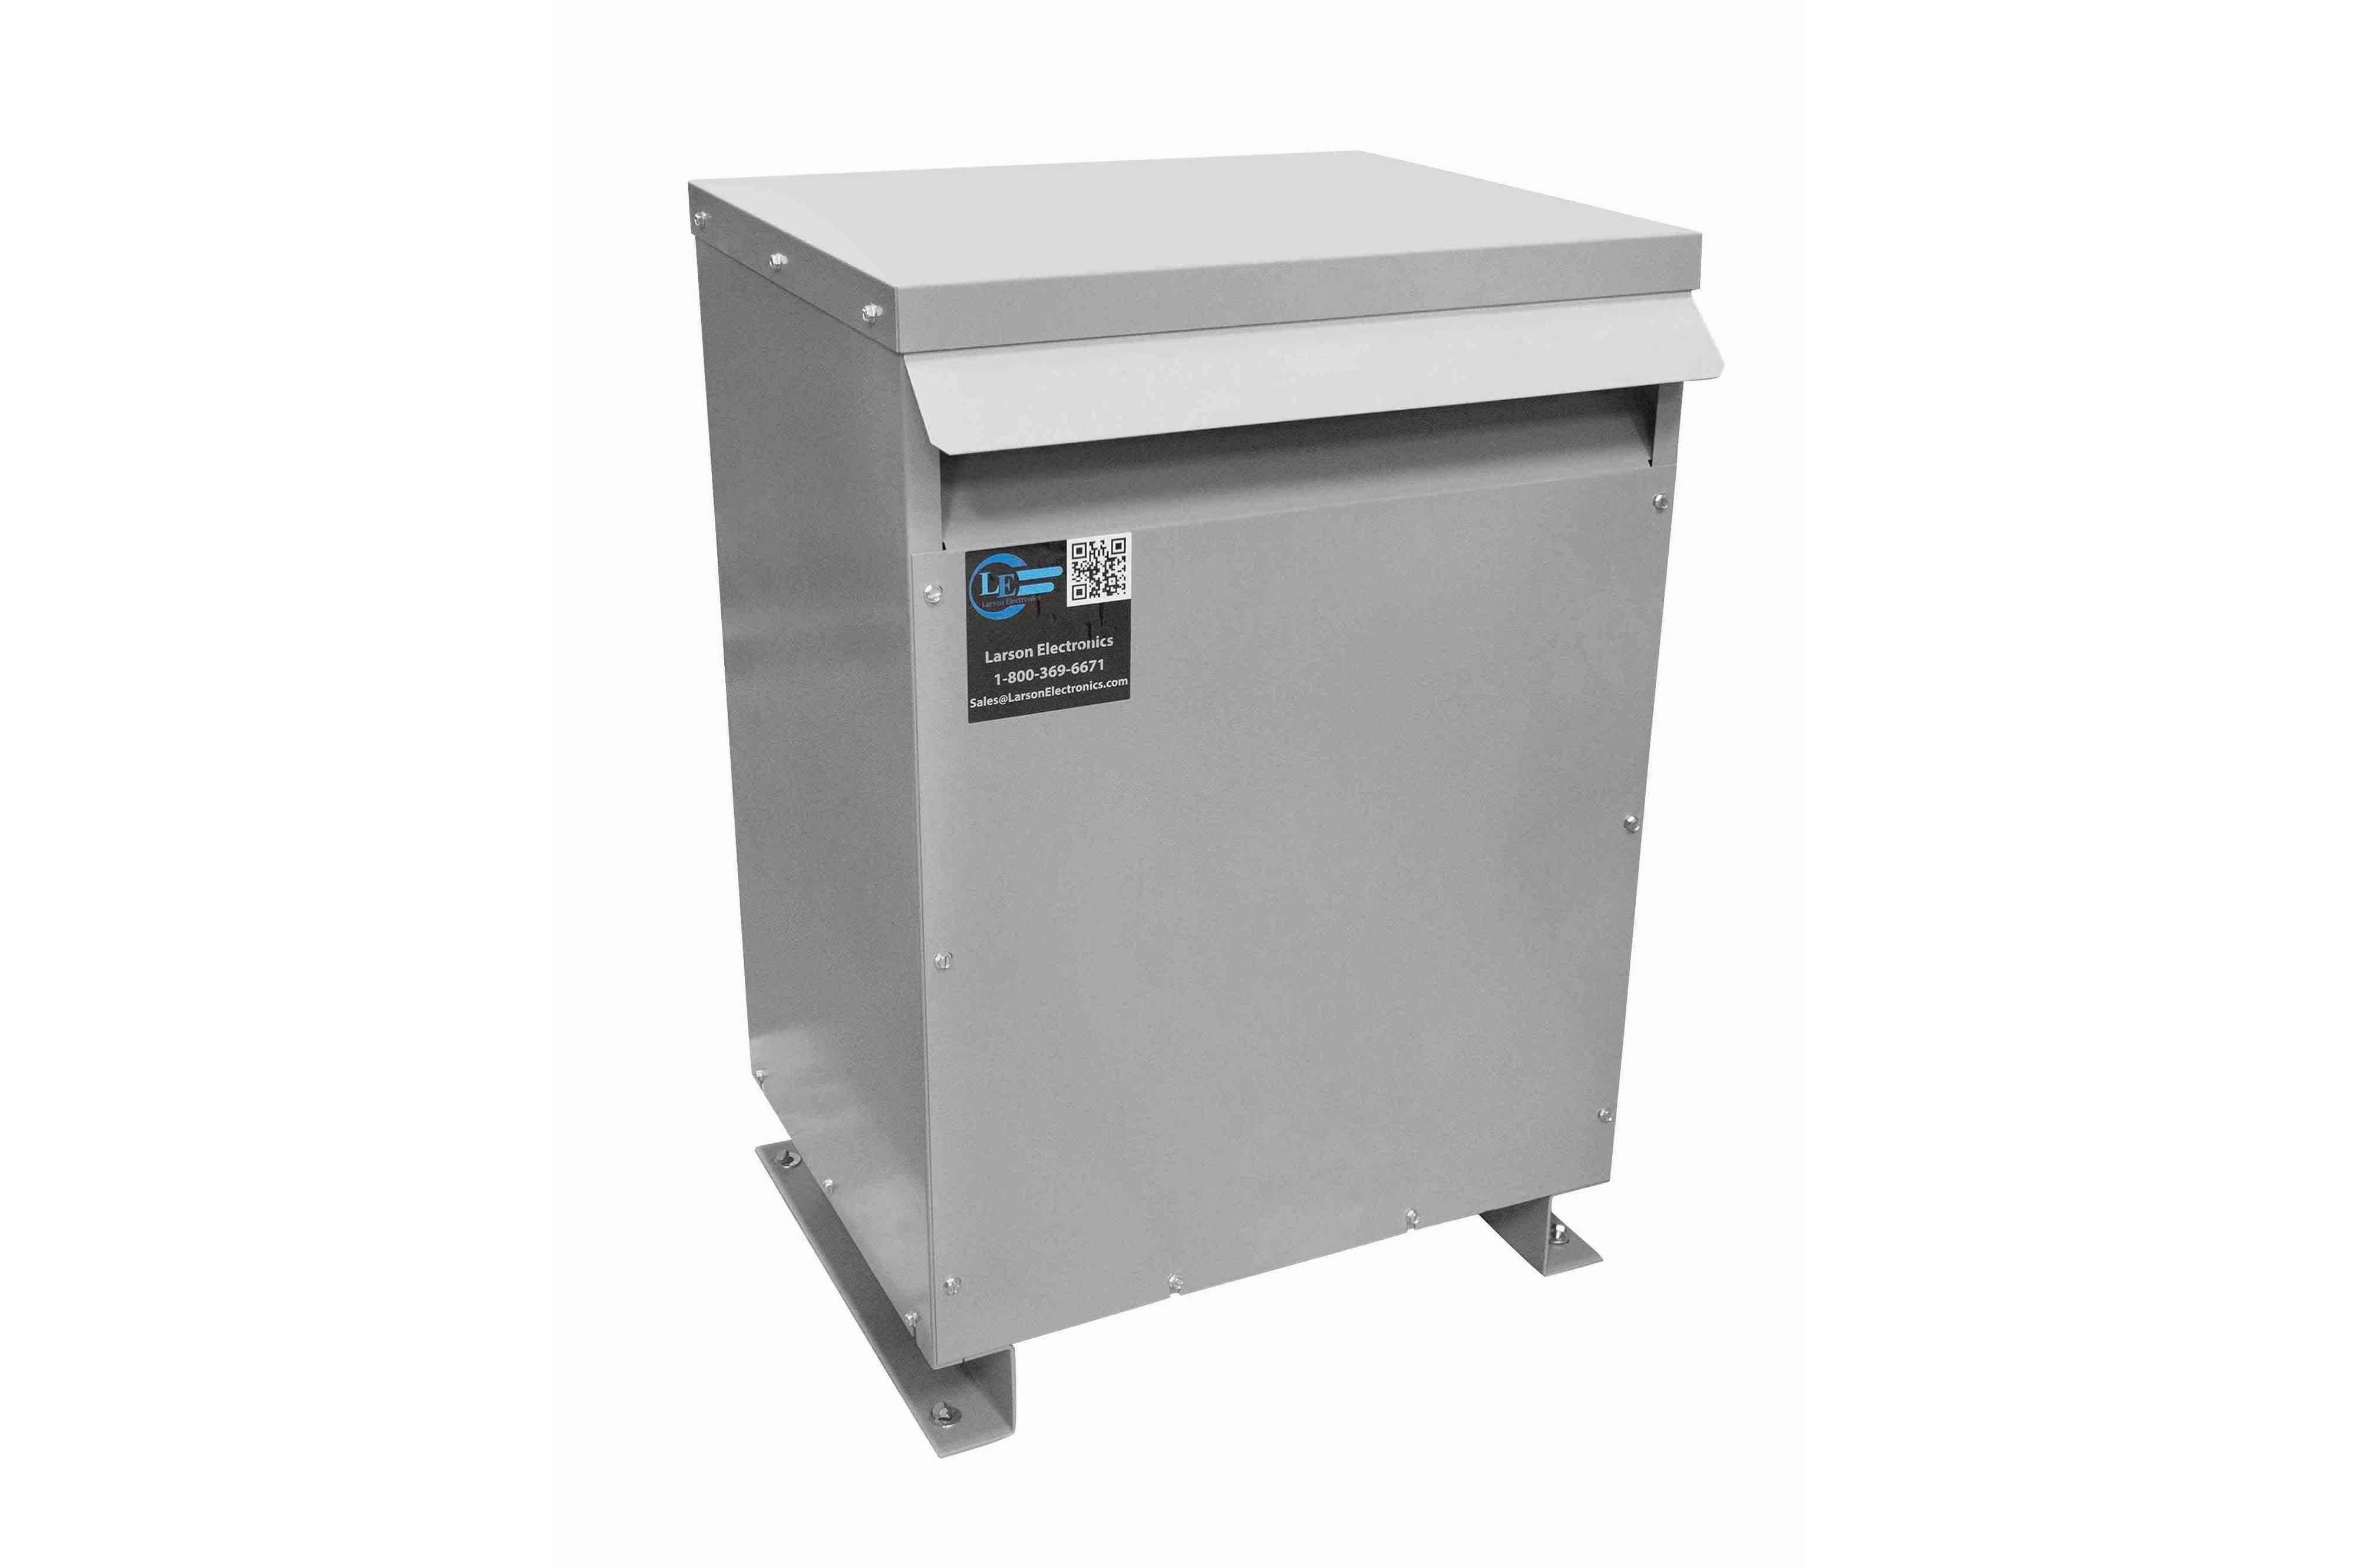 28 kVA 3PH Isolation Transformer, 400V Delta Primary, 240 Delta Secondary, N3R, Ventilated, 60 Hz